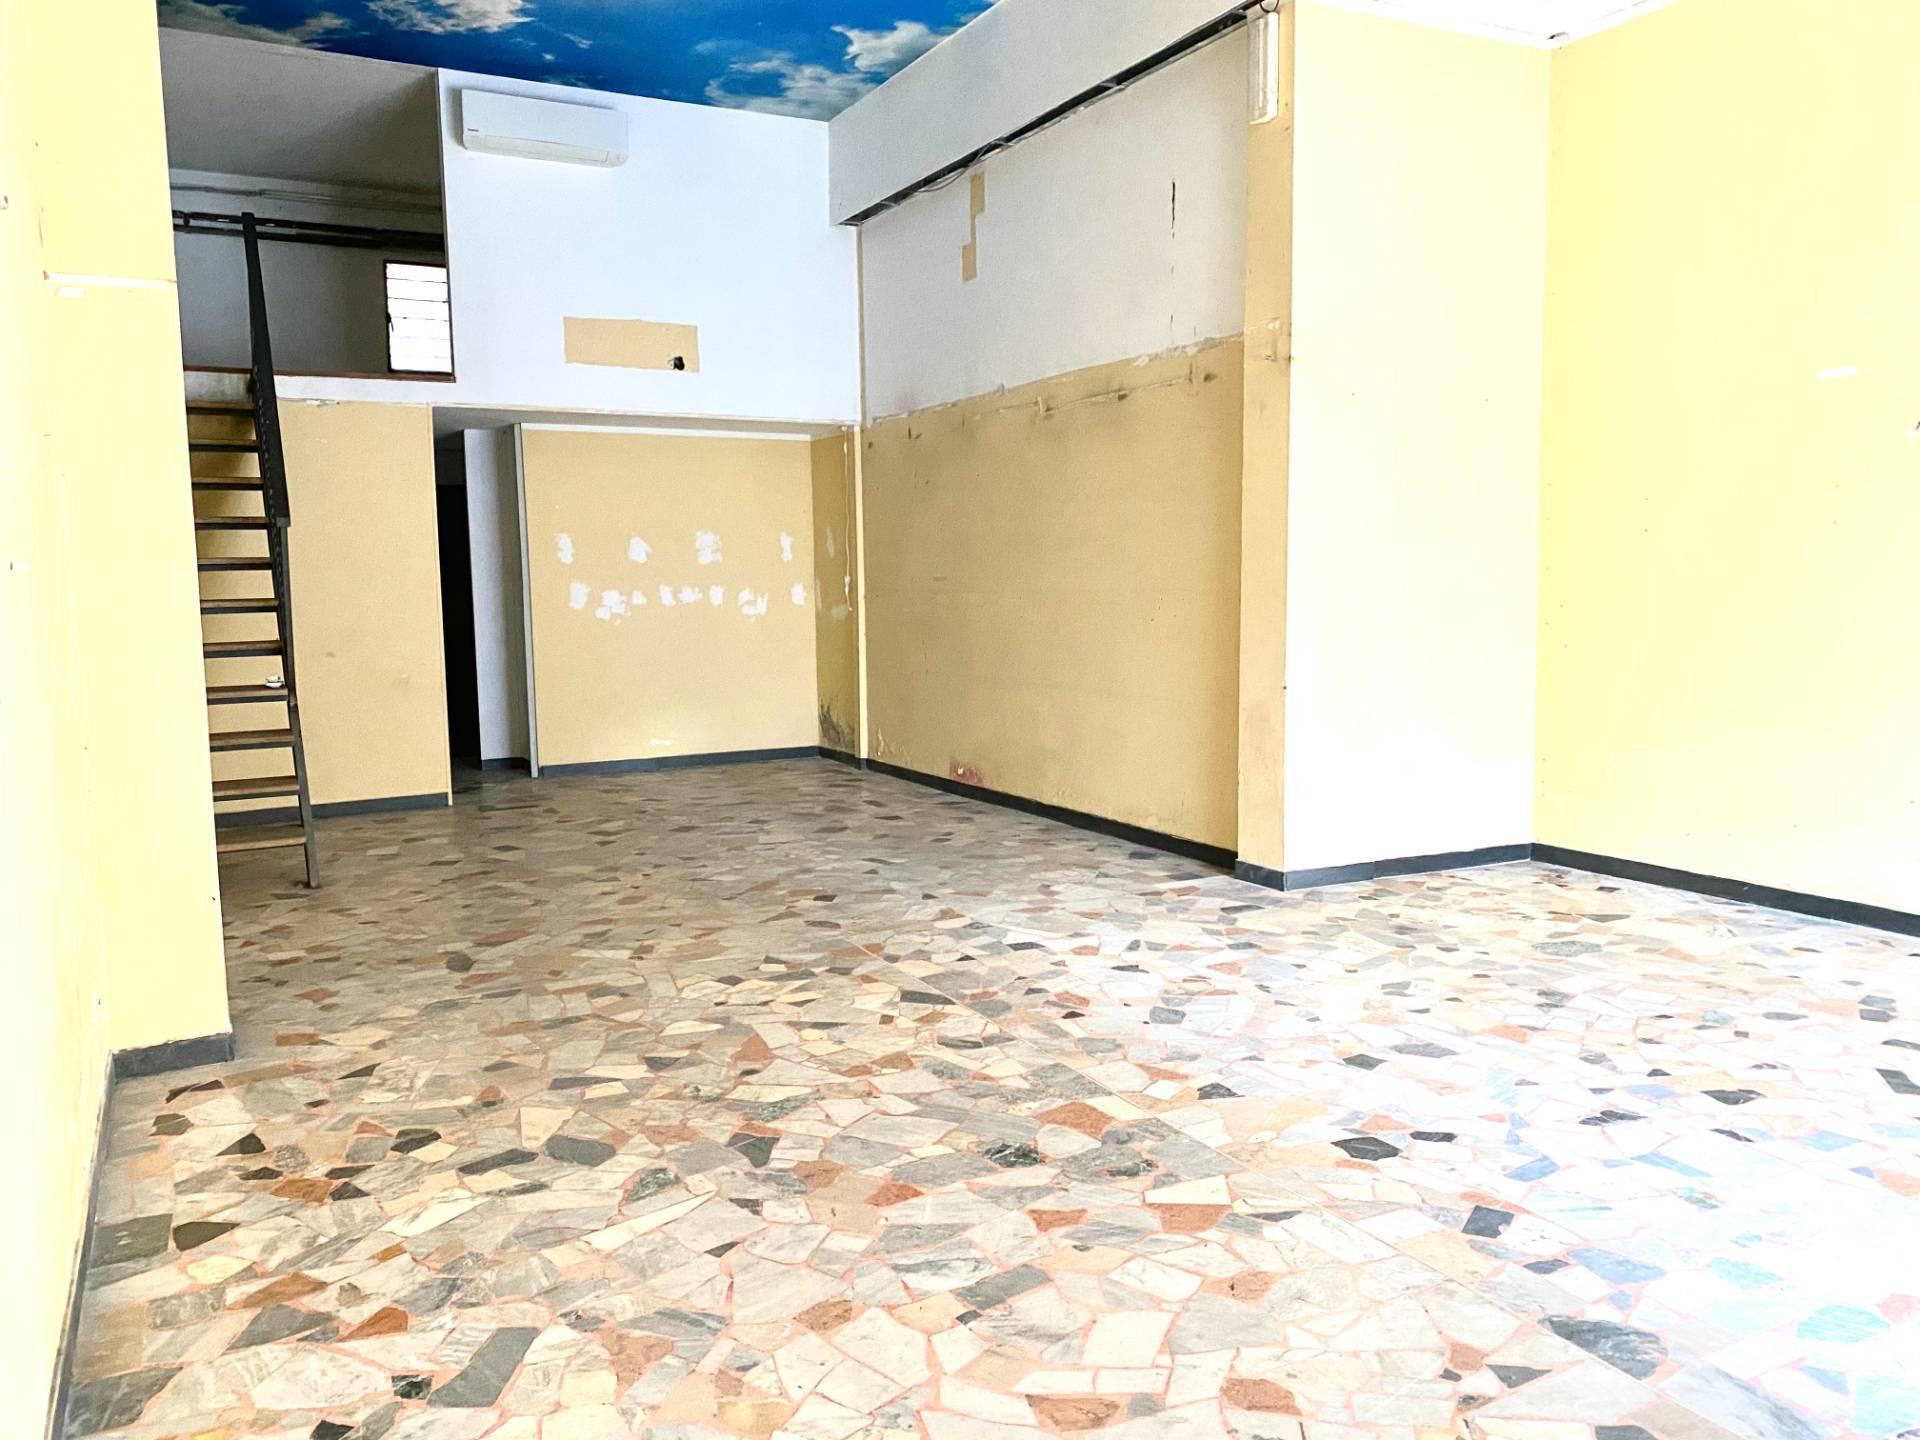 Negozio / Locale in affitto a Albisola Superiore, 9999 locali, zona Località: AlbisolaCapo, prezzo € 490 | PortaleAgenzieImmobiliari.it